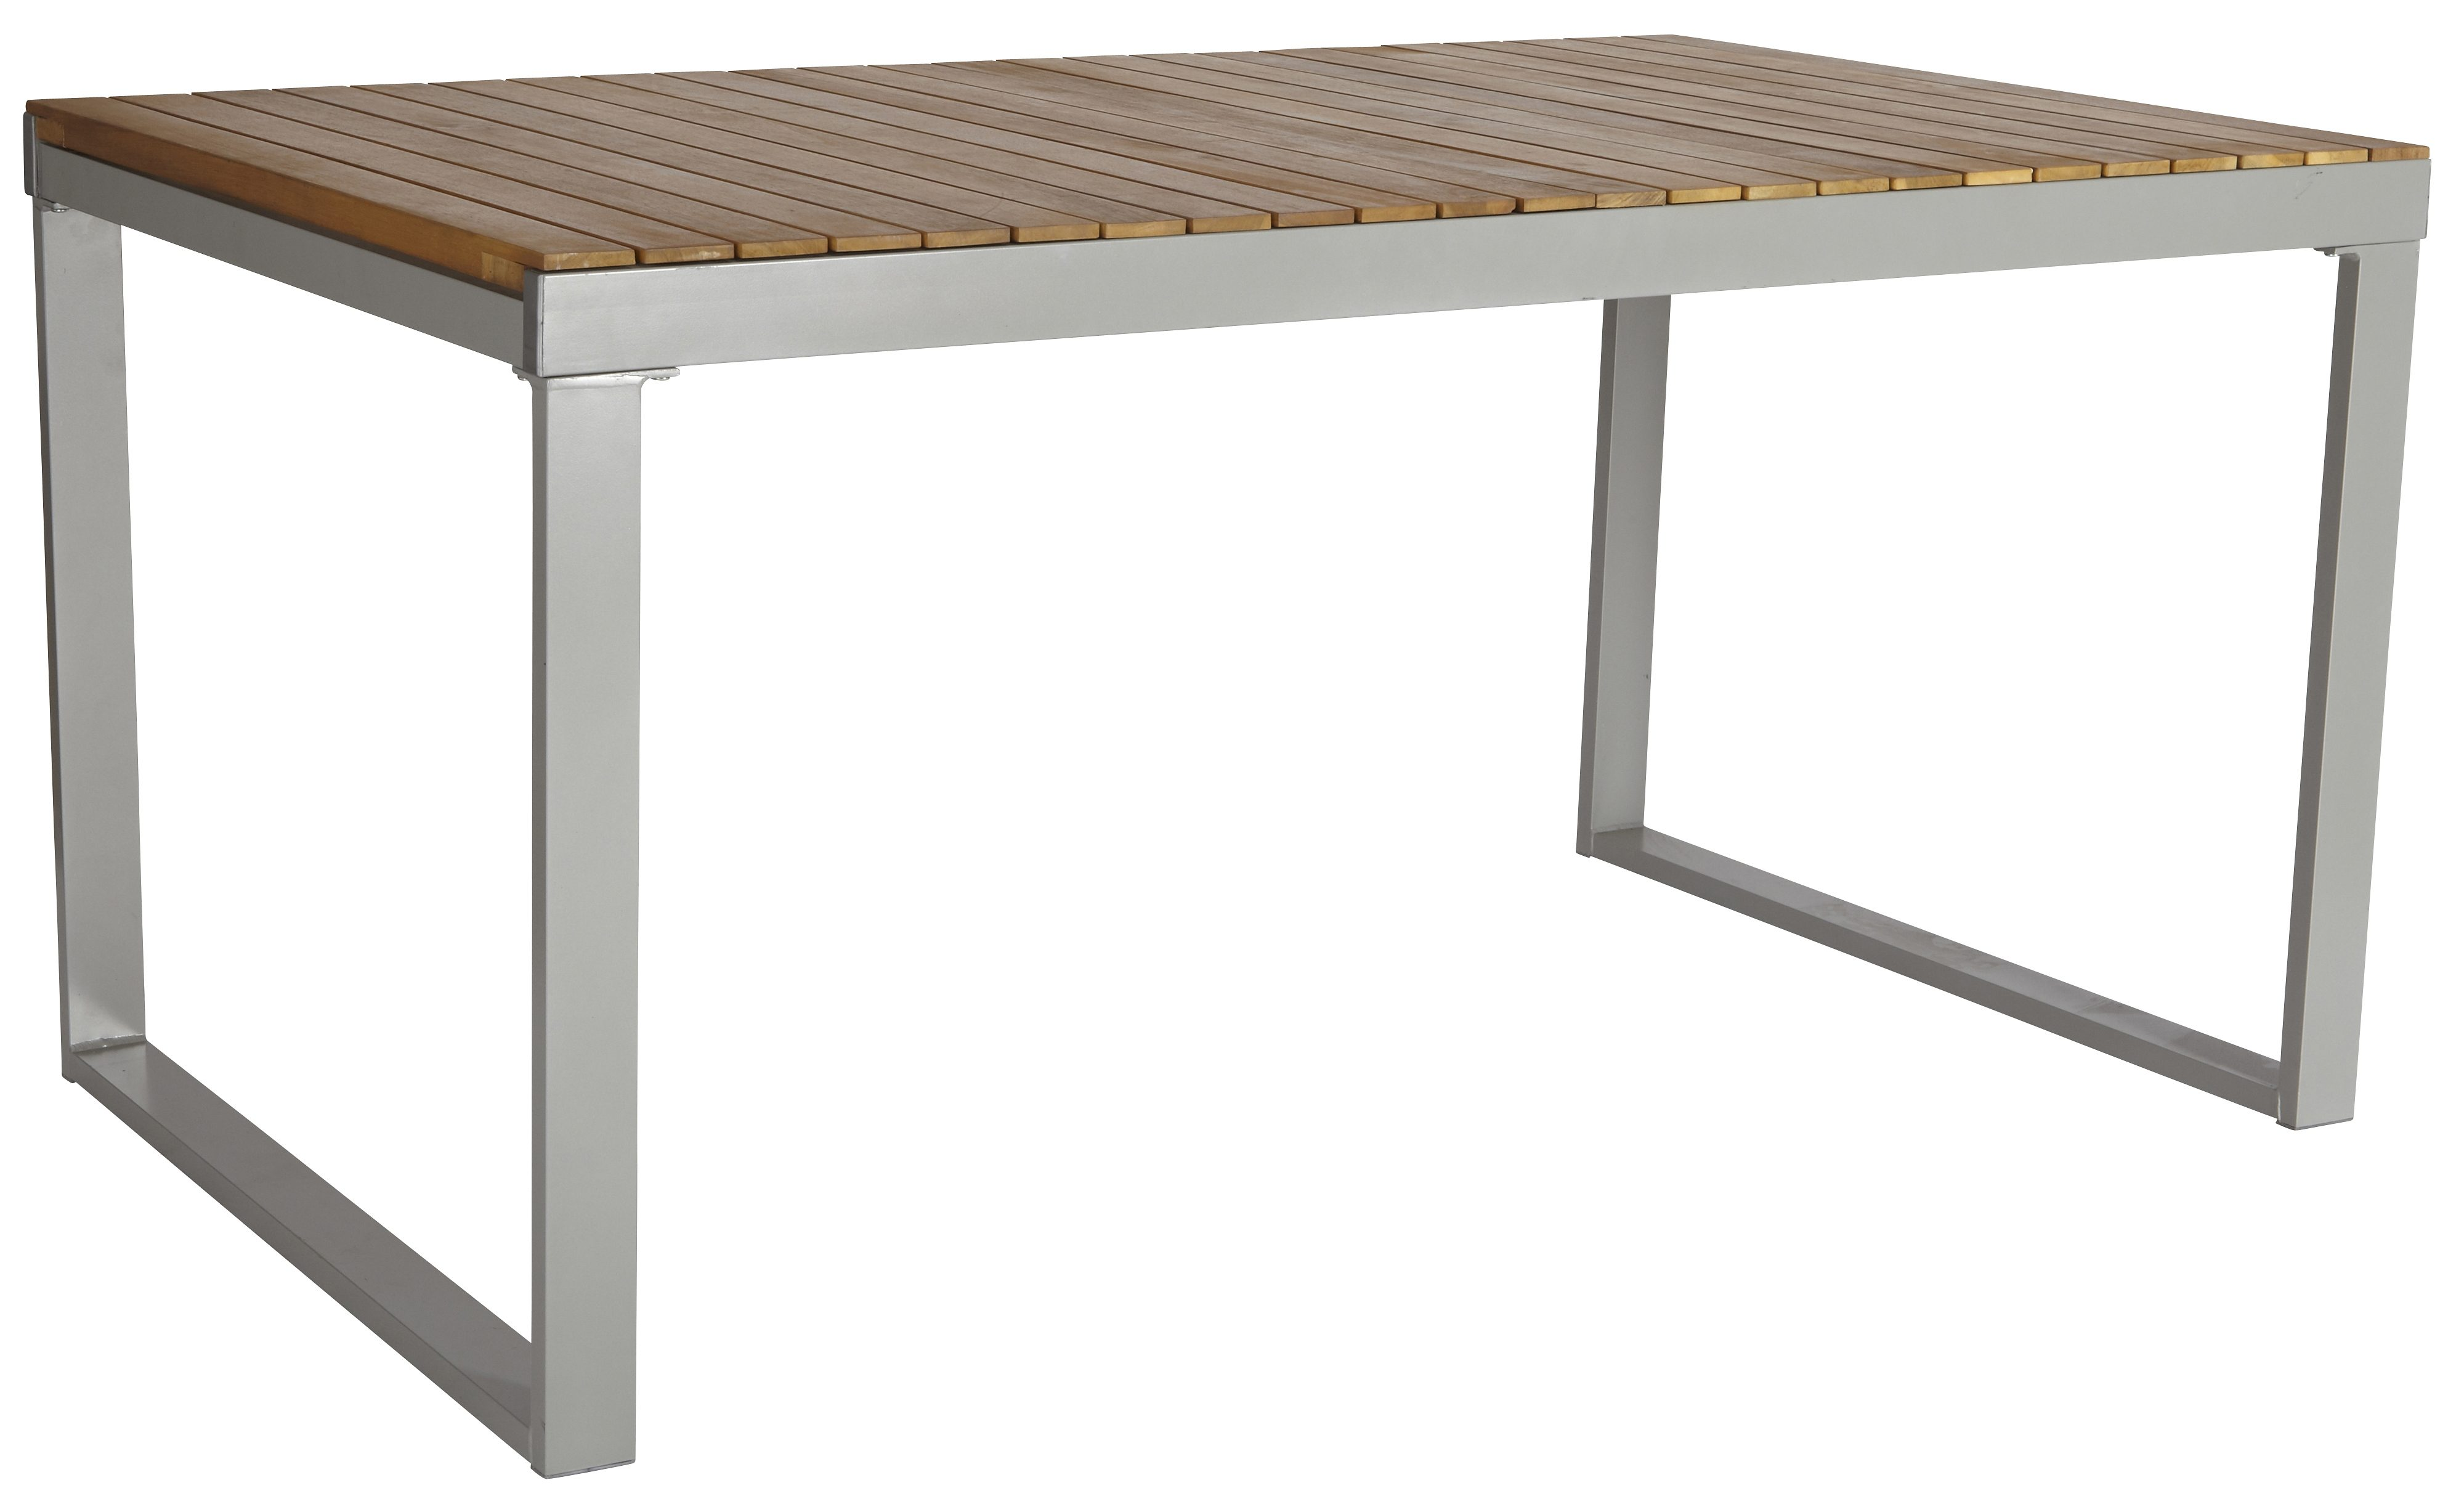 Gartentisch »Monaco«, ausziehbar, Alu/Akazienholz, 150-200x90 cm